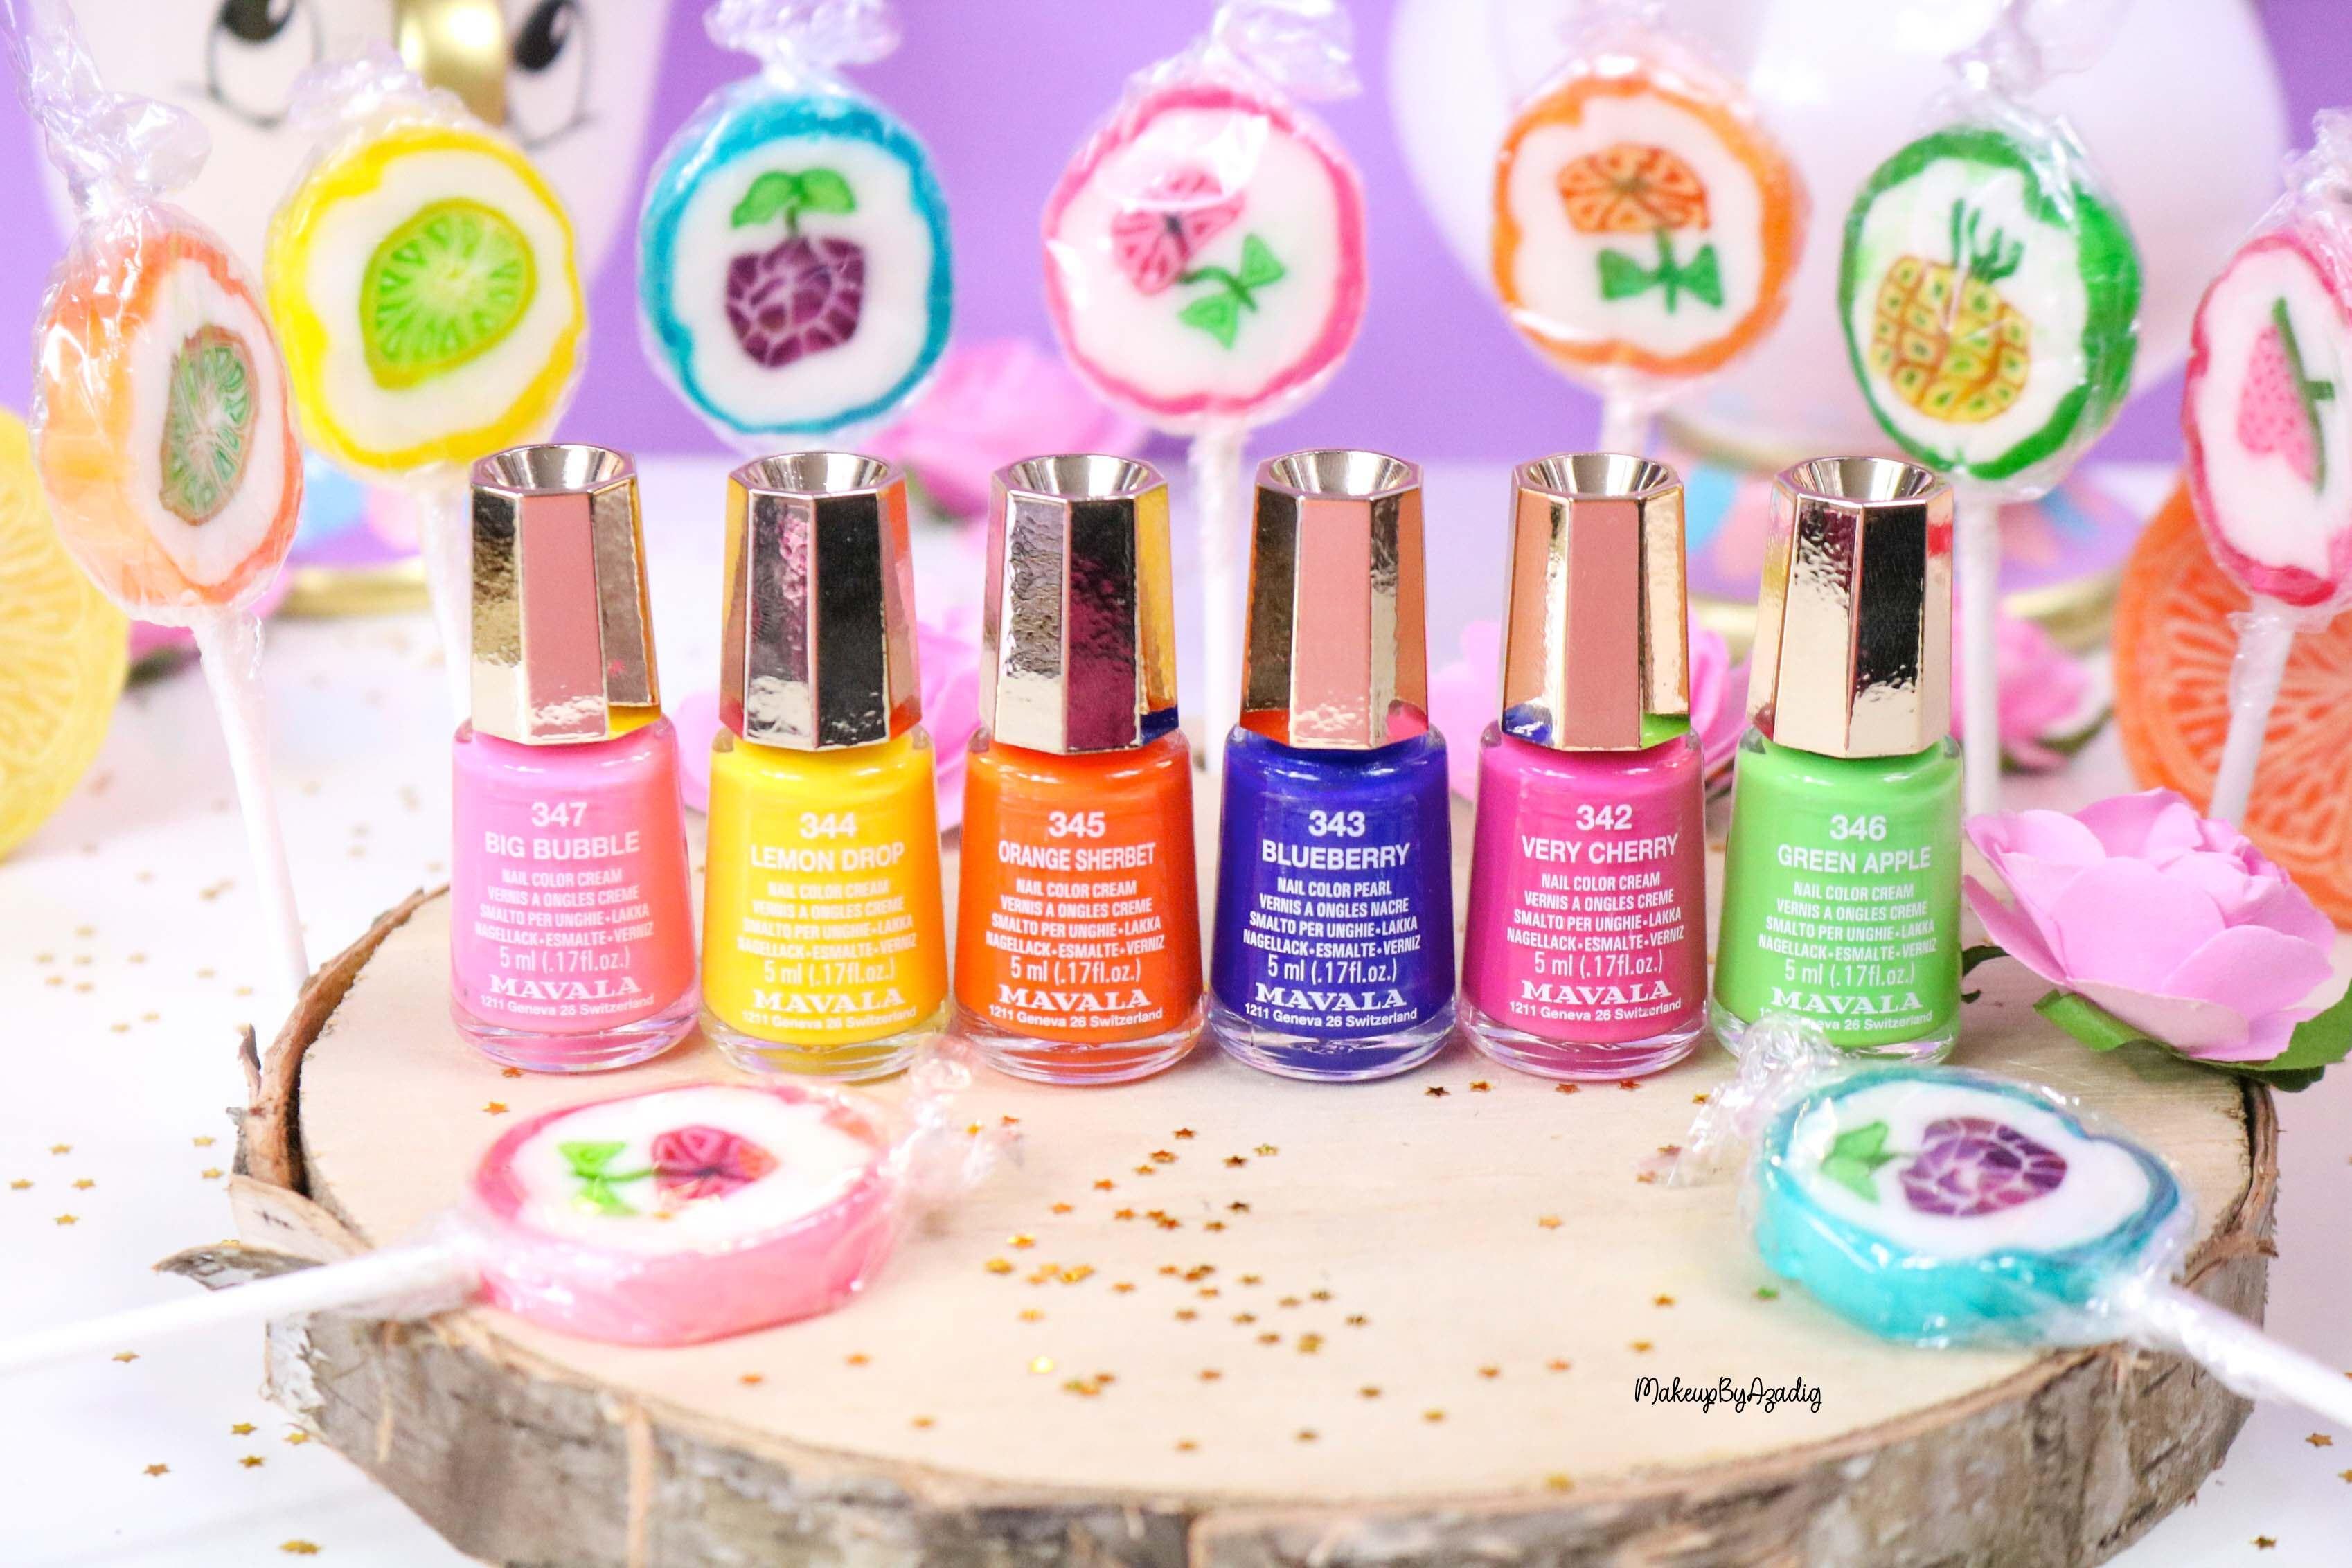 nouvelle-collection-vernis-tendance-printemps-ete-mavala-pas-cher-makeupbyazadig-avis-prix-monoprix-bubble-gum-colors